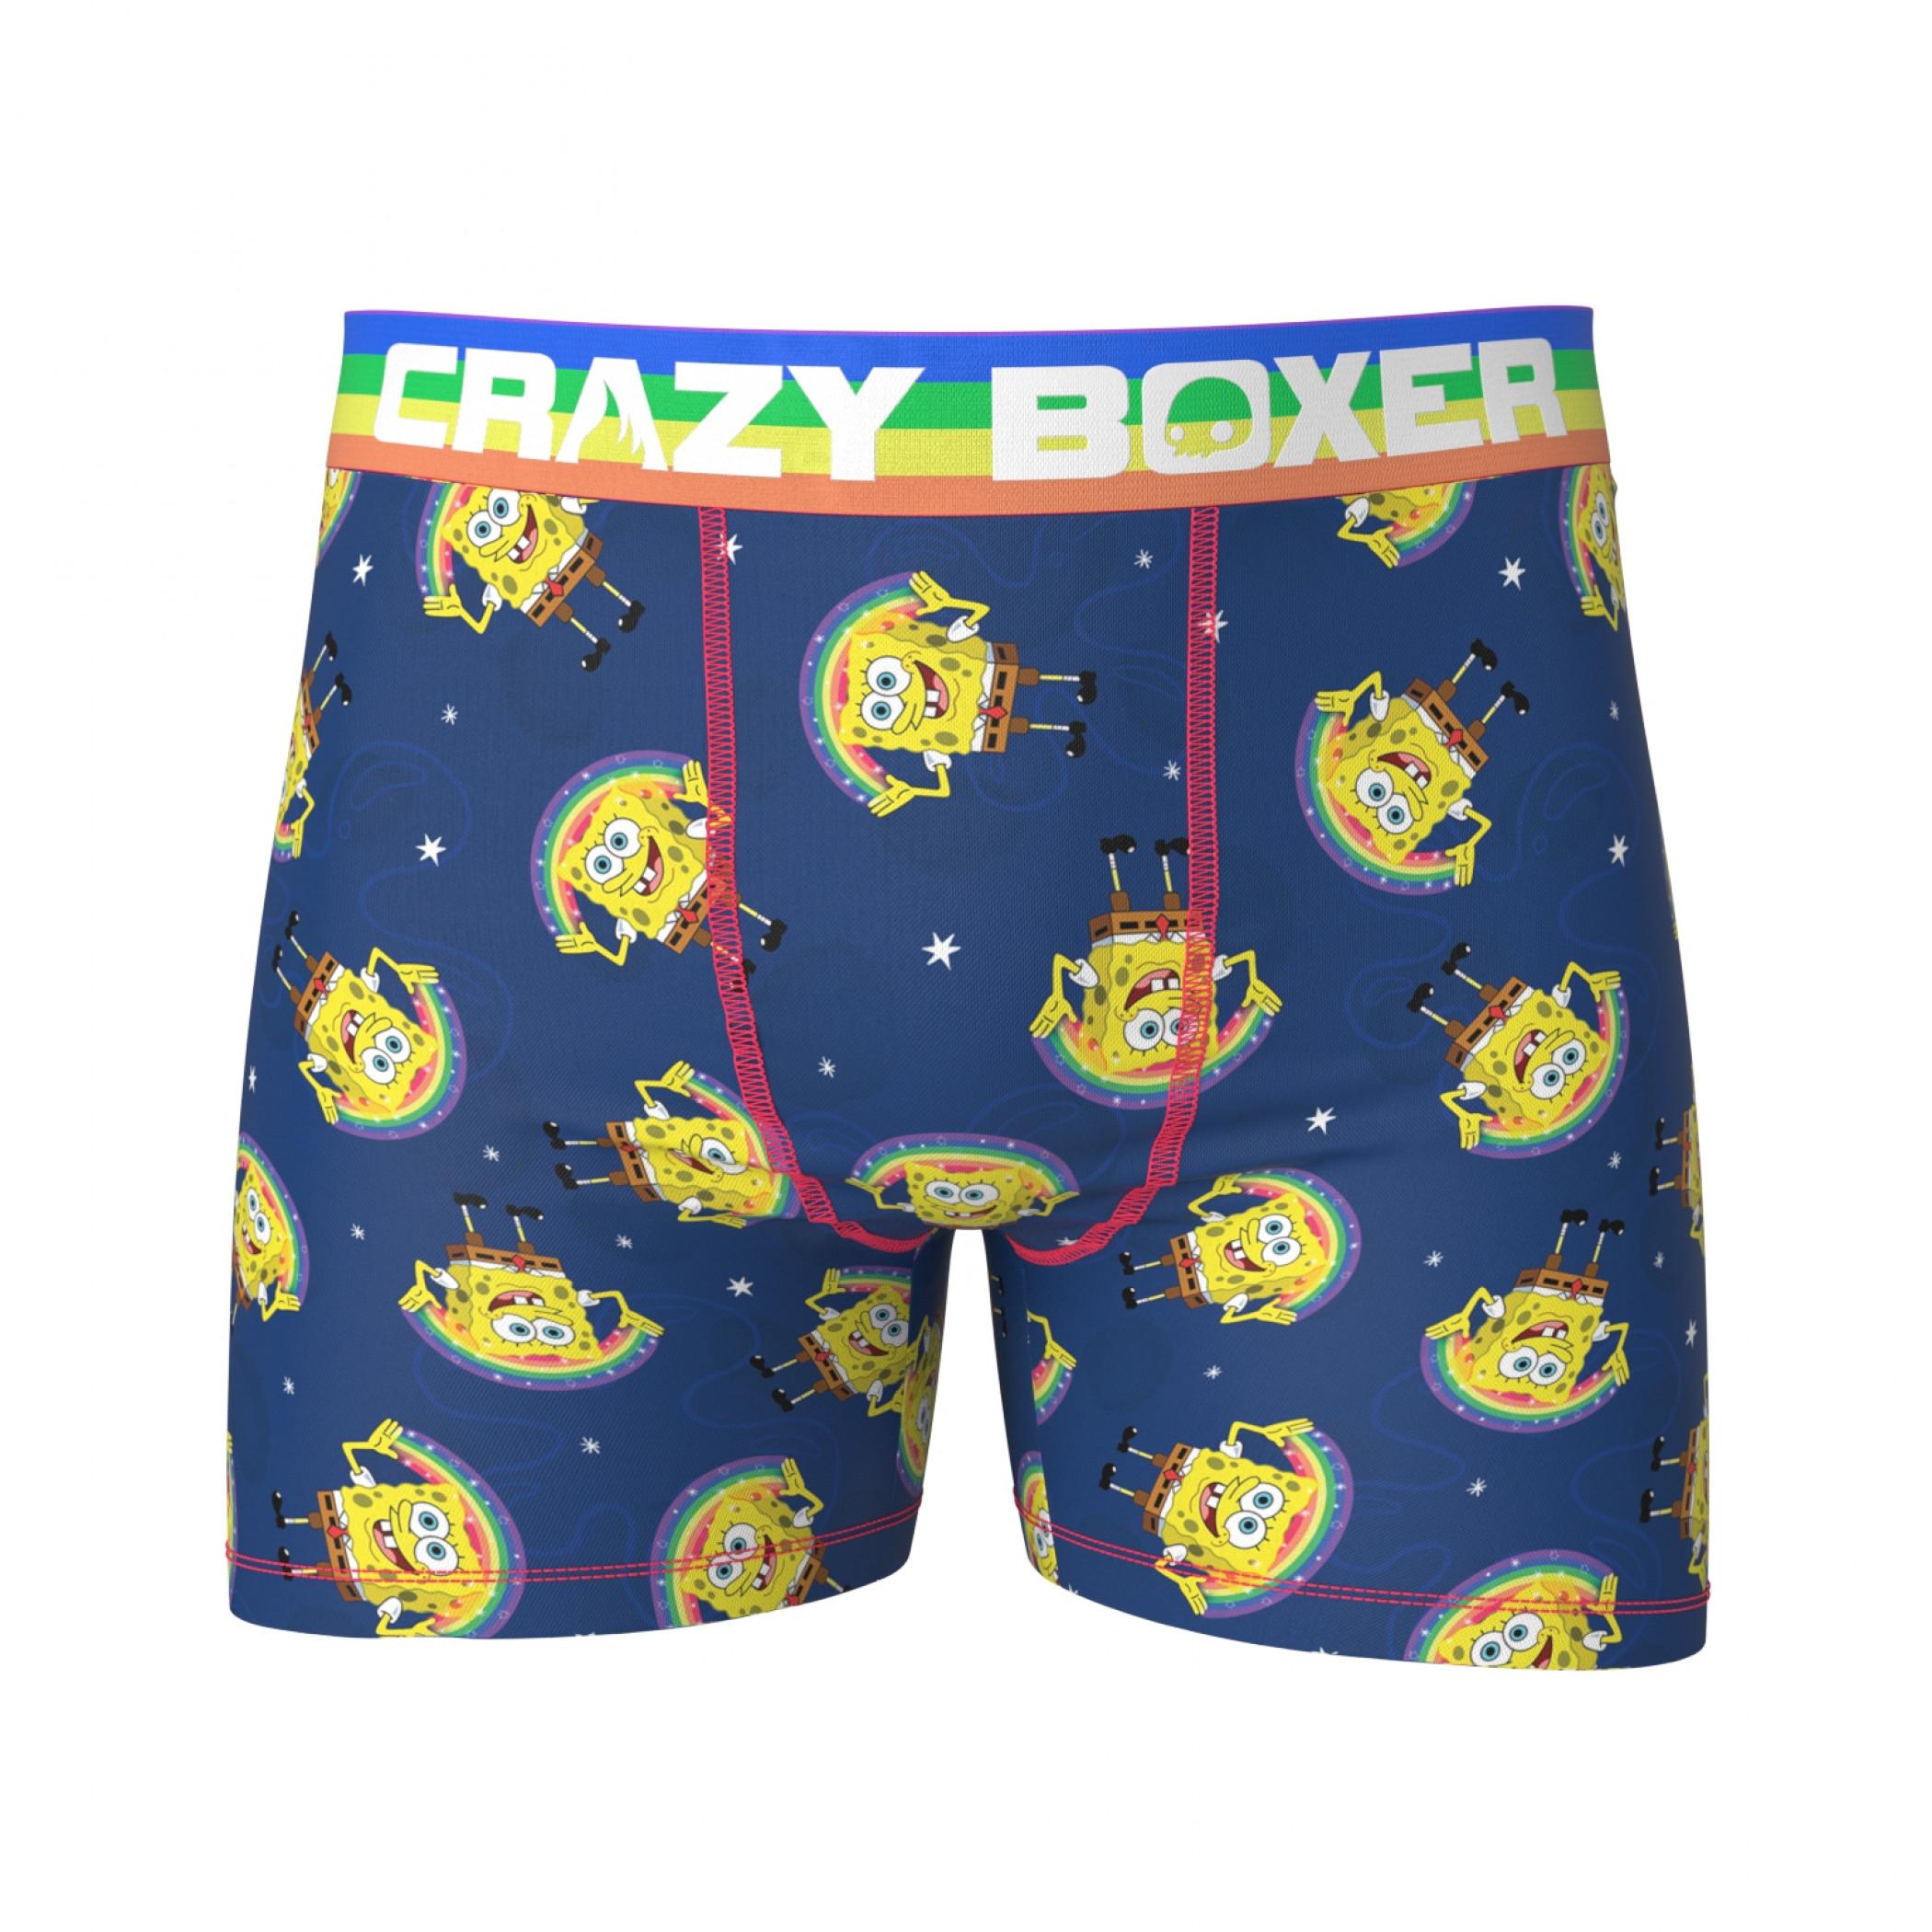 SpongeBob SquarePants Imagination On Men's Boxer Briefs Shorts